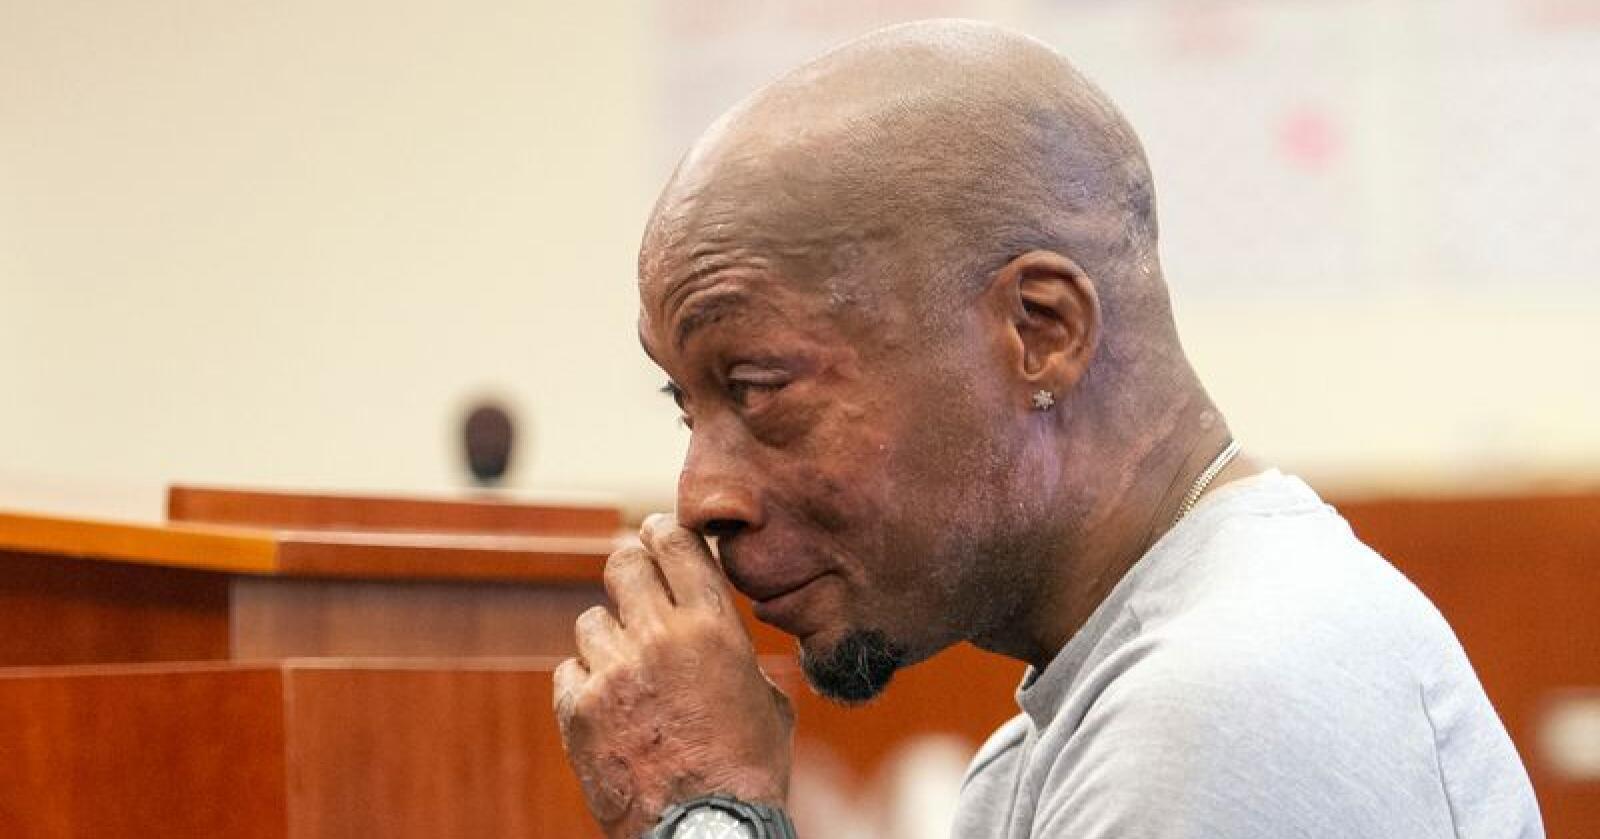 DeWayne Johnson anklager ugressmiddelprodusenten Monsanto for å ha holdt kreftrisikoen ved produktene sine skjult. Johnson er døende av kreft og hevder eksponering for ugressmiddel er årsaken. Foto: Josh Edelson / AP / NTB scanpix